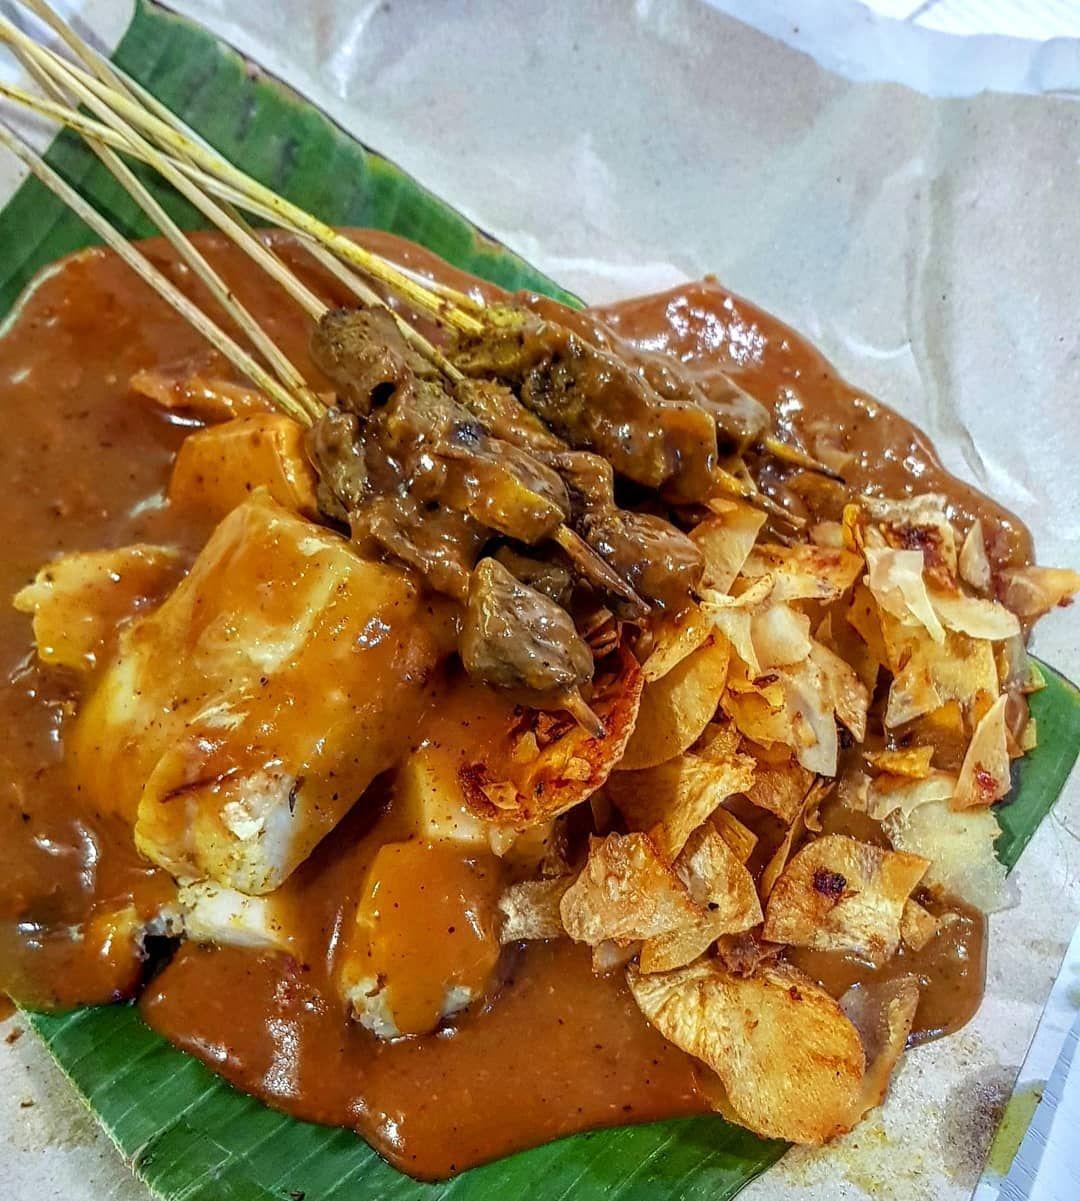 Sate Padang Takana Juo Sate Padang Takana Juo Benhil Aseli Benhil Jauh Banget Dr Kantor Tapi Dibela2in Deh Su Makanan Dan Minuman Resep Masakan Makanan